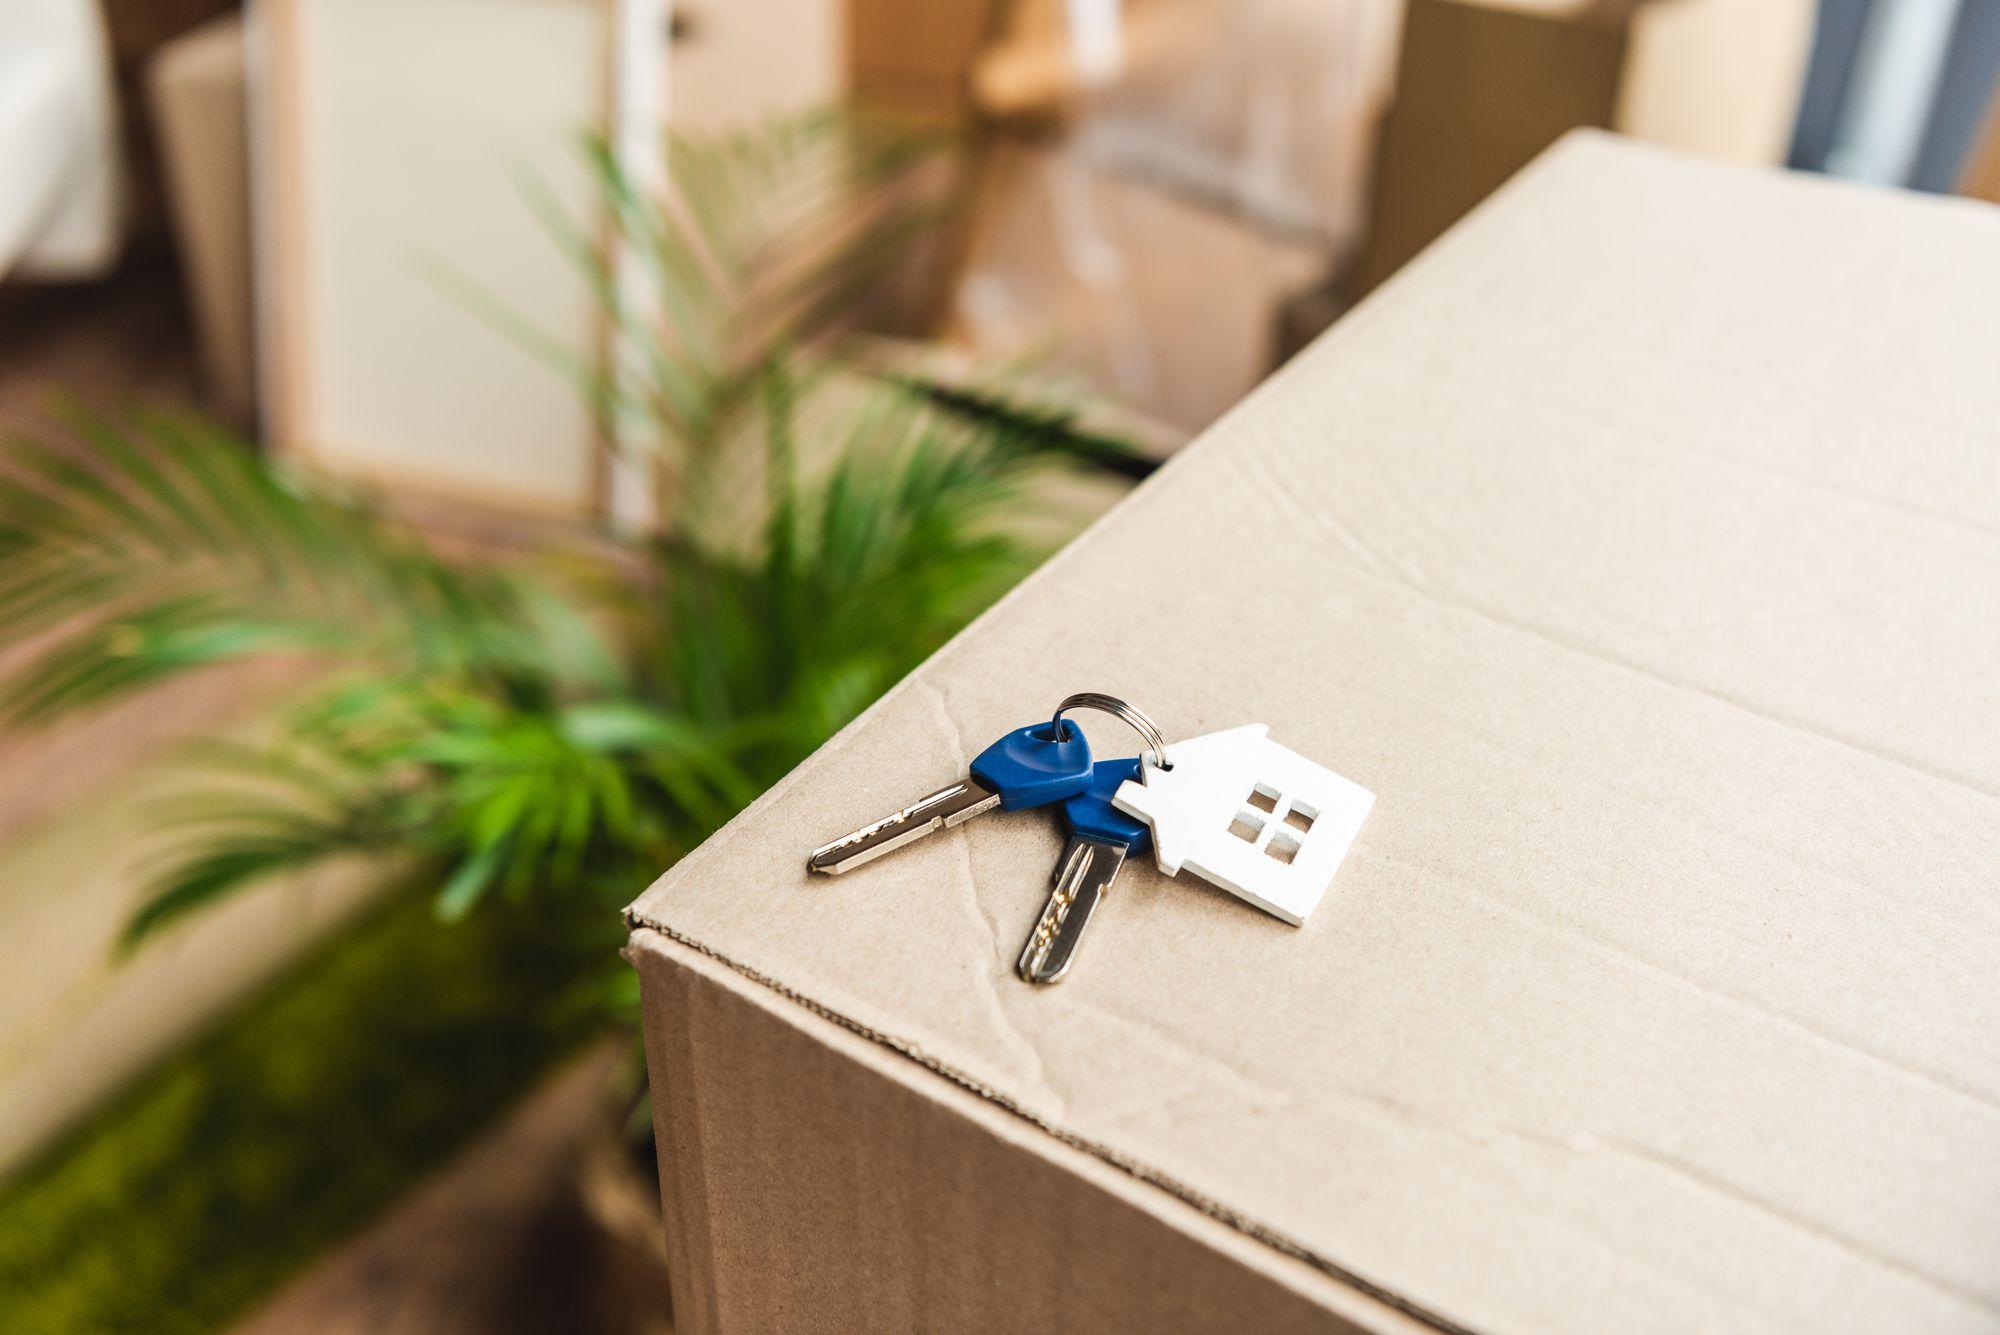 Apartamento novo ou usado? Qual o ideal para seu perfil?